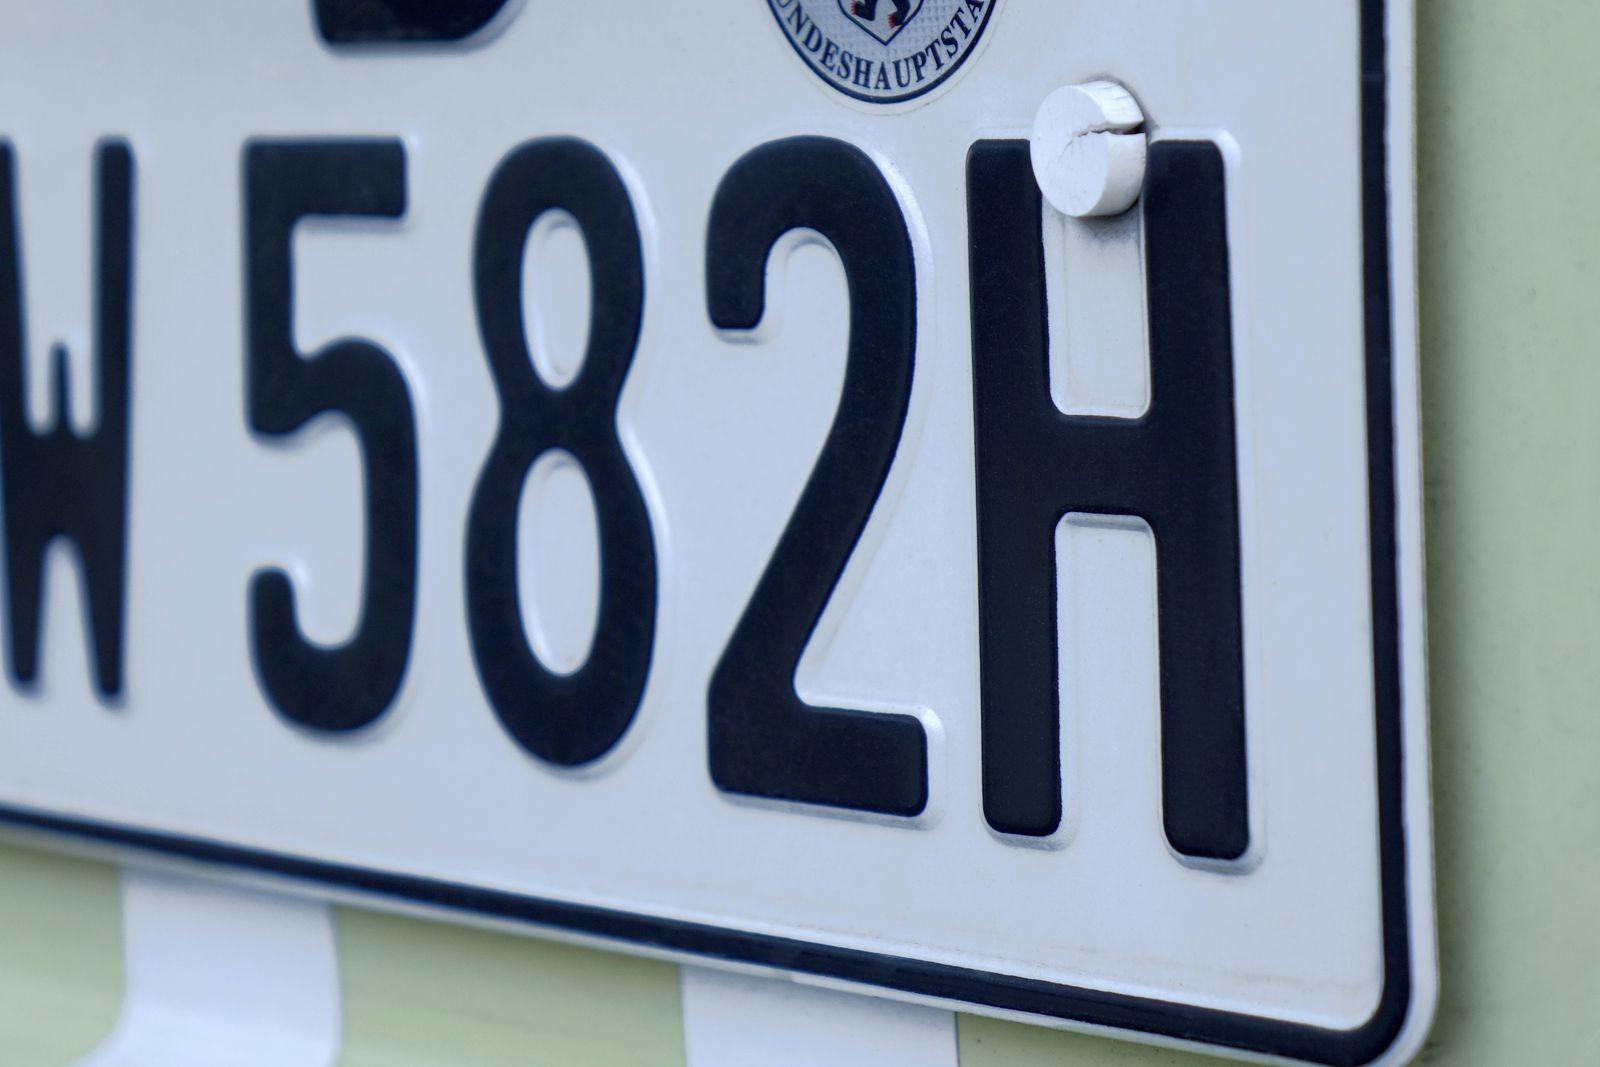 Autokennzeichen H Autokennzeichen H, 09.05.2020, Mitte, Berlin, An einem Oldtimer befindet sich ein Nummerschild mit H-K